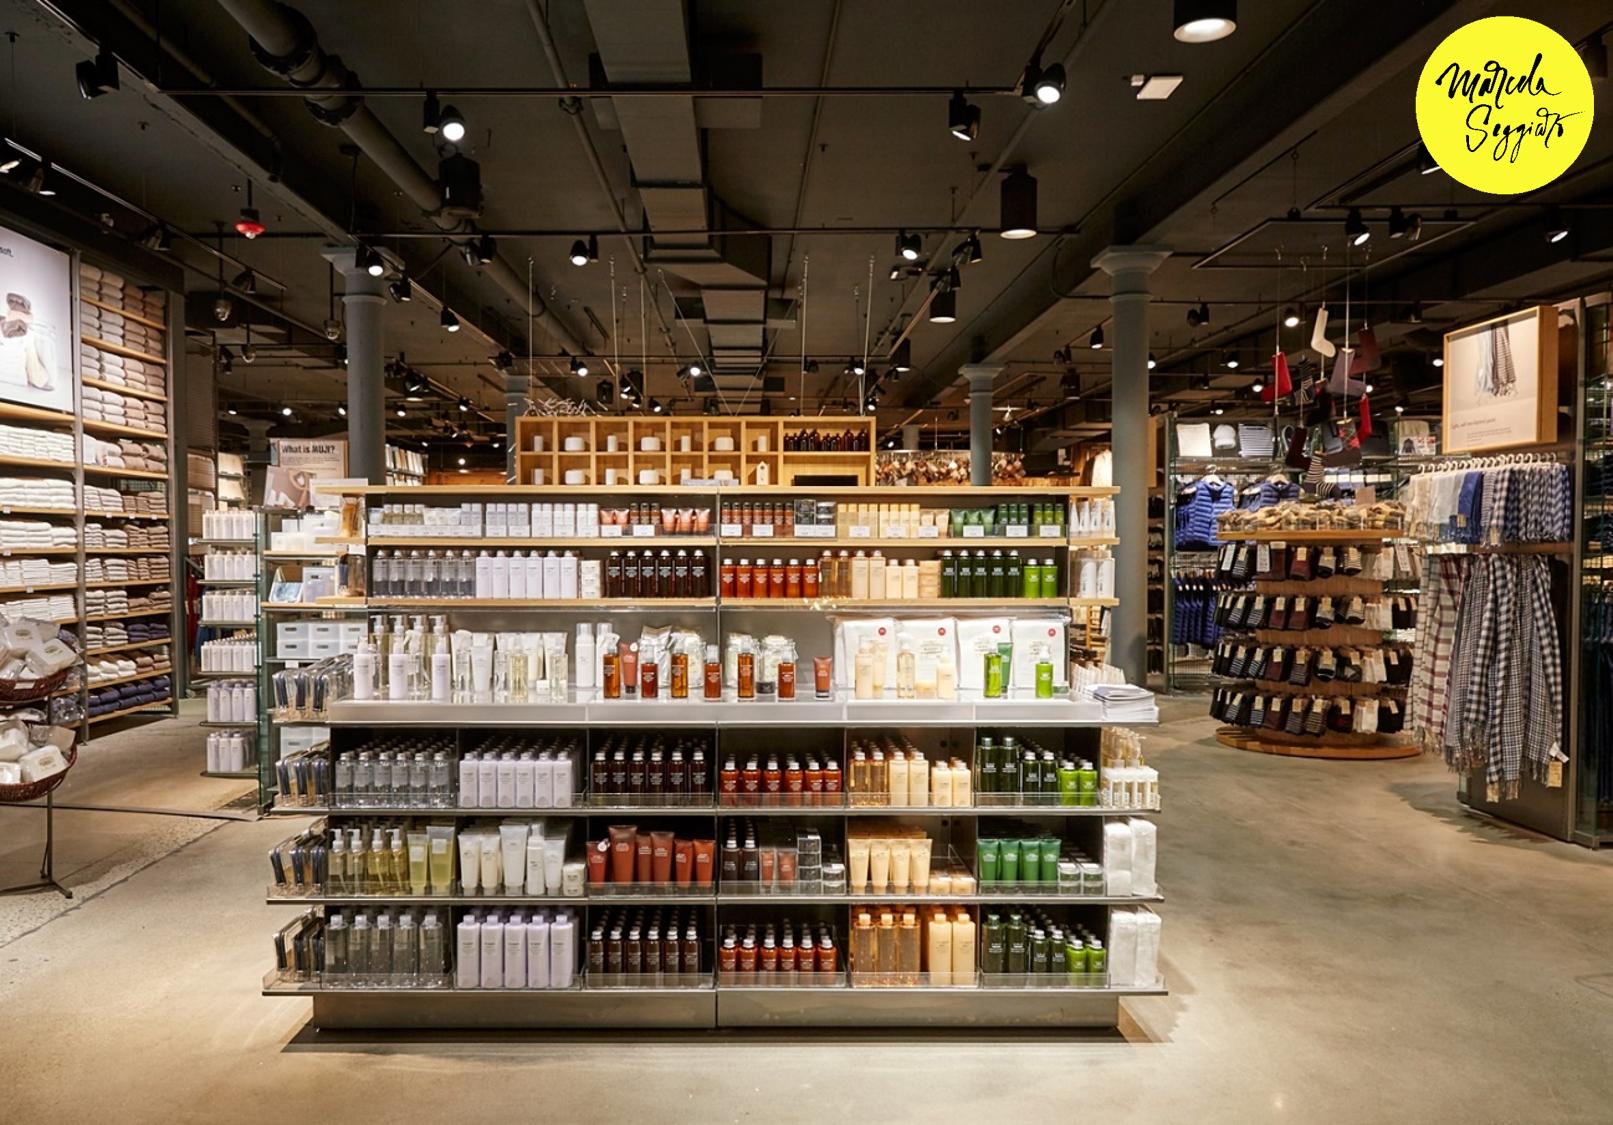 Tendencias Retail. El futuro del Visual Merchandising en tiempos de pandemia. Facings. Marcela Seggiaro